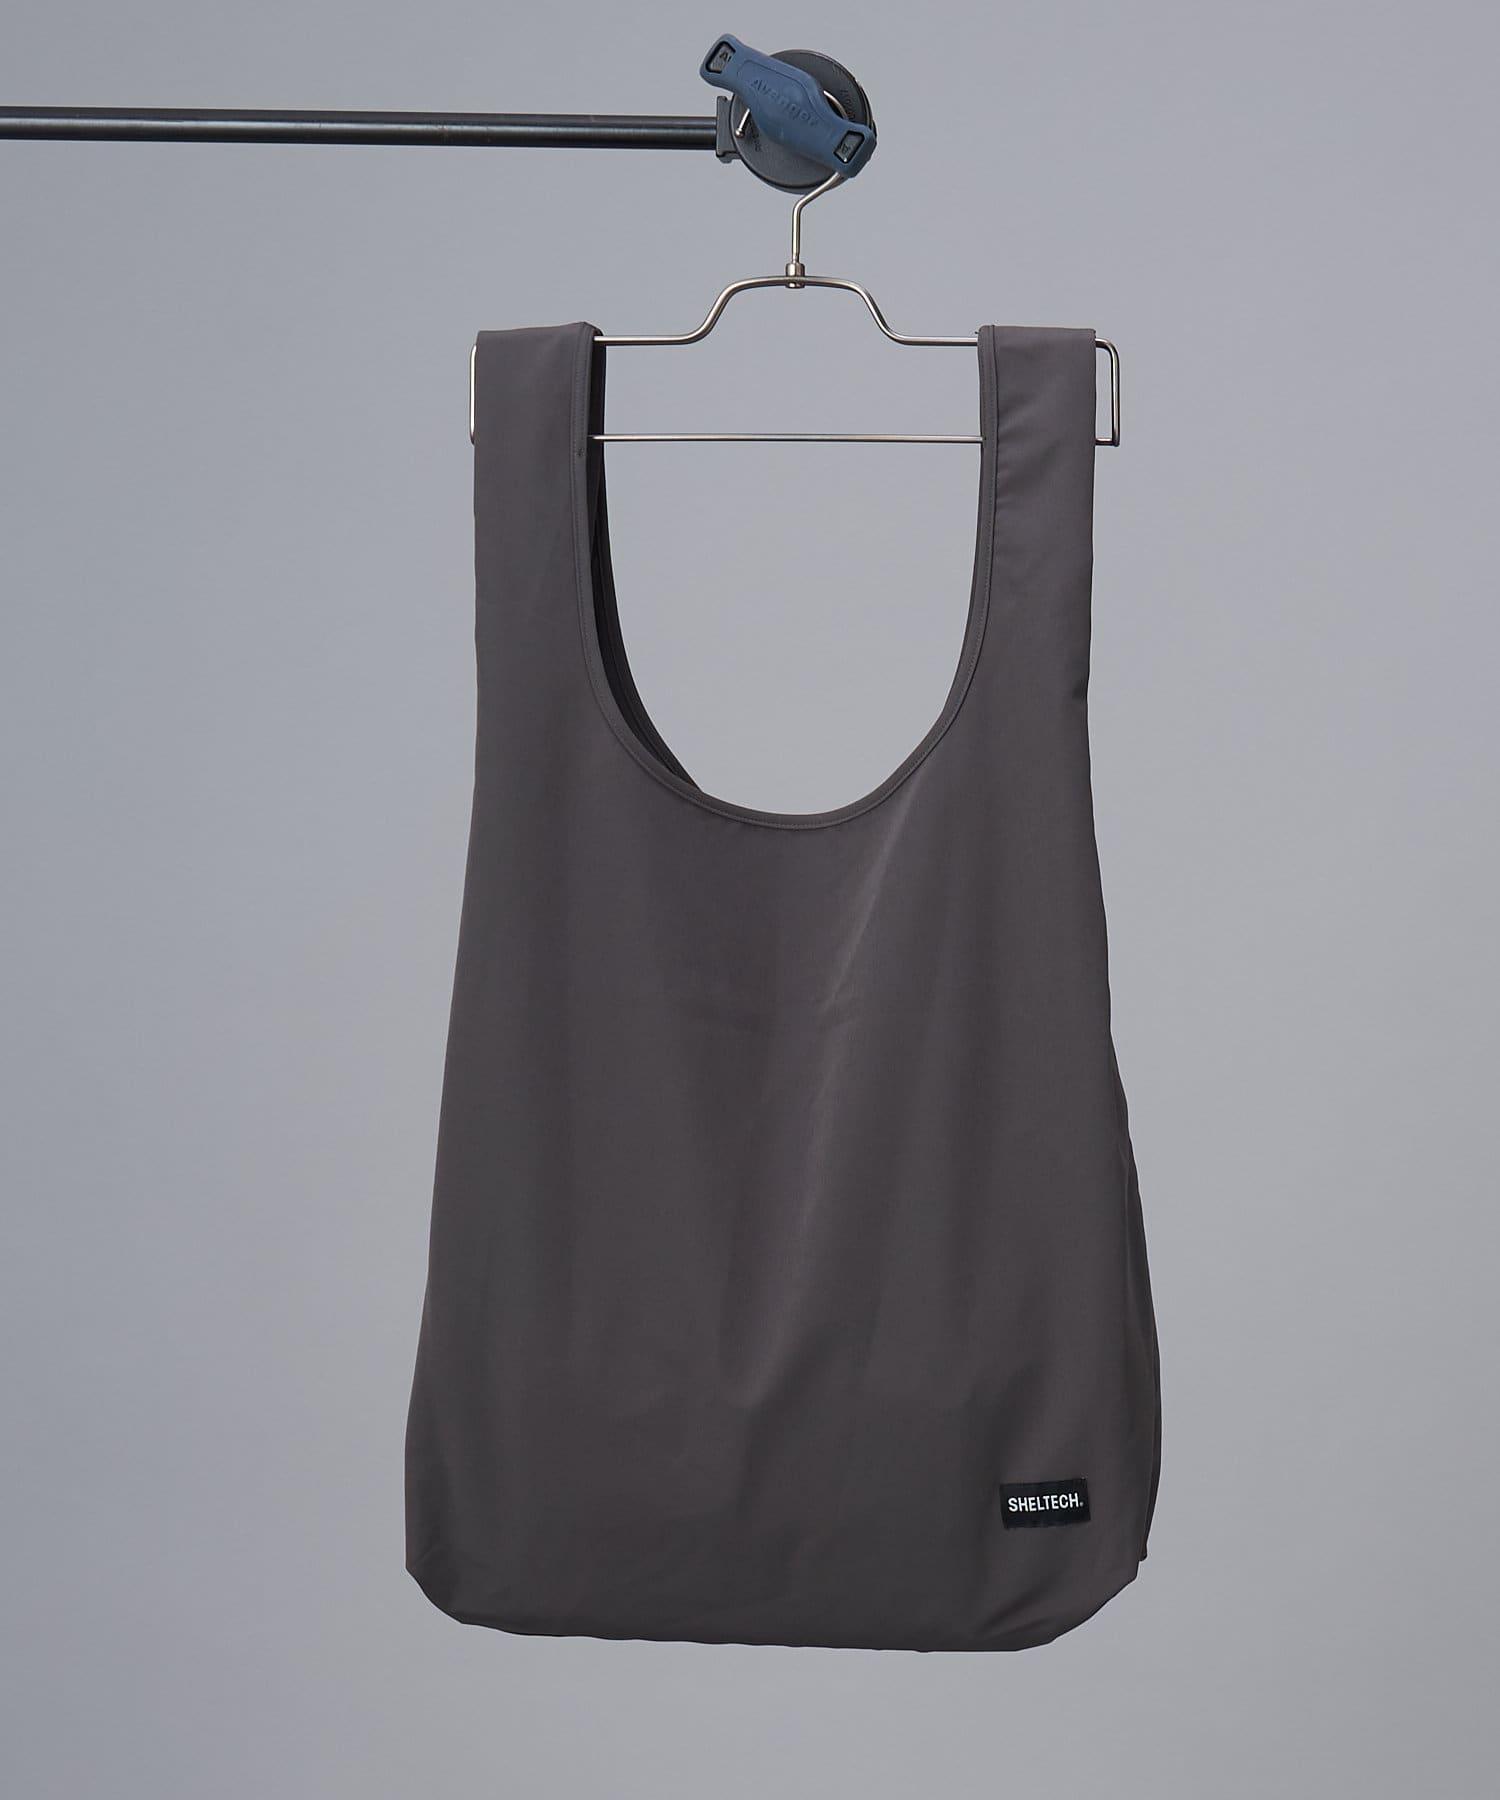 CIAOPANIC(チャオパニック) 【SHELTECH(R)/シェルテック】スナップシャツセットアップ